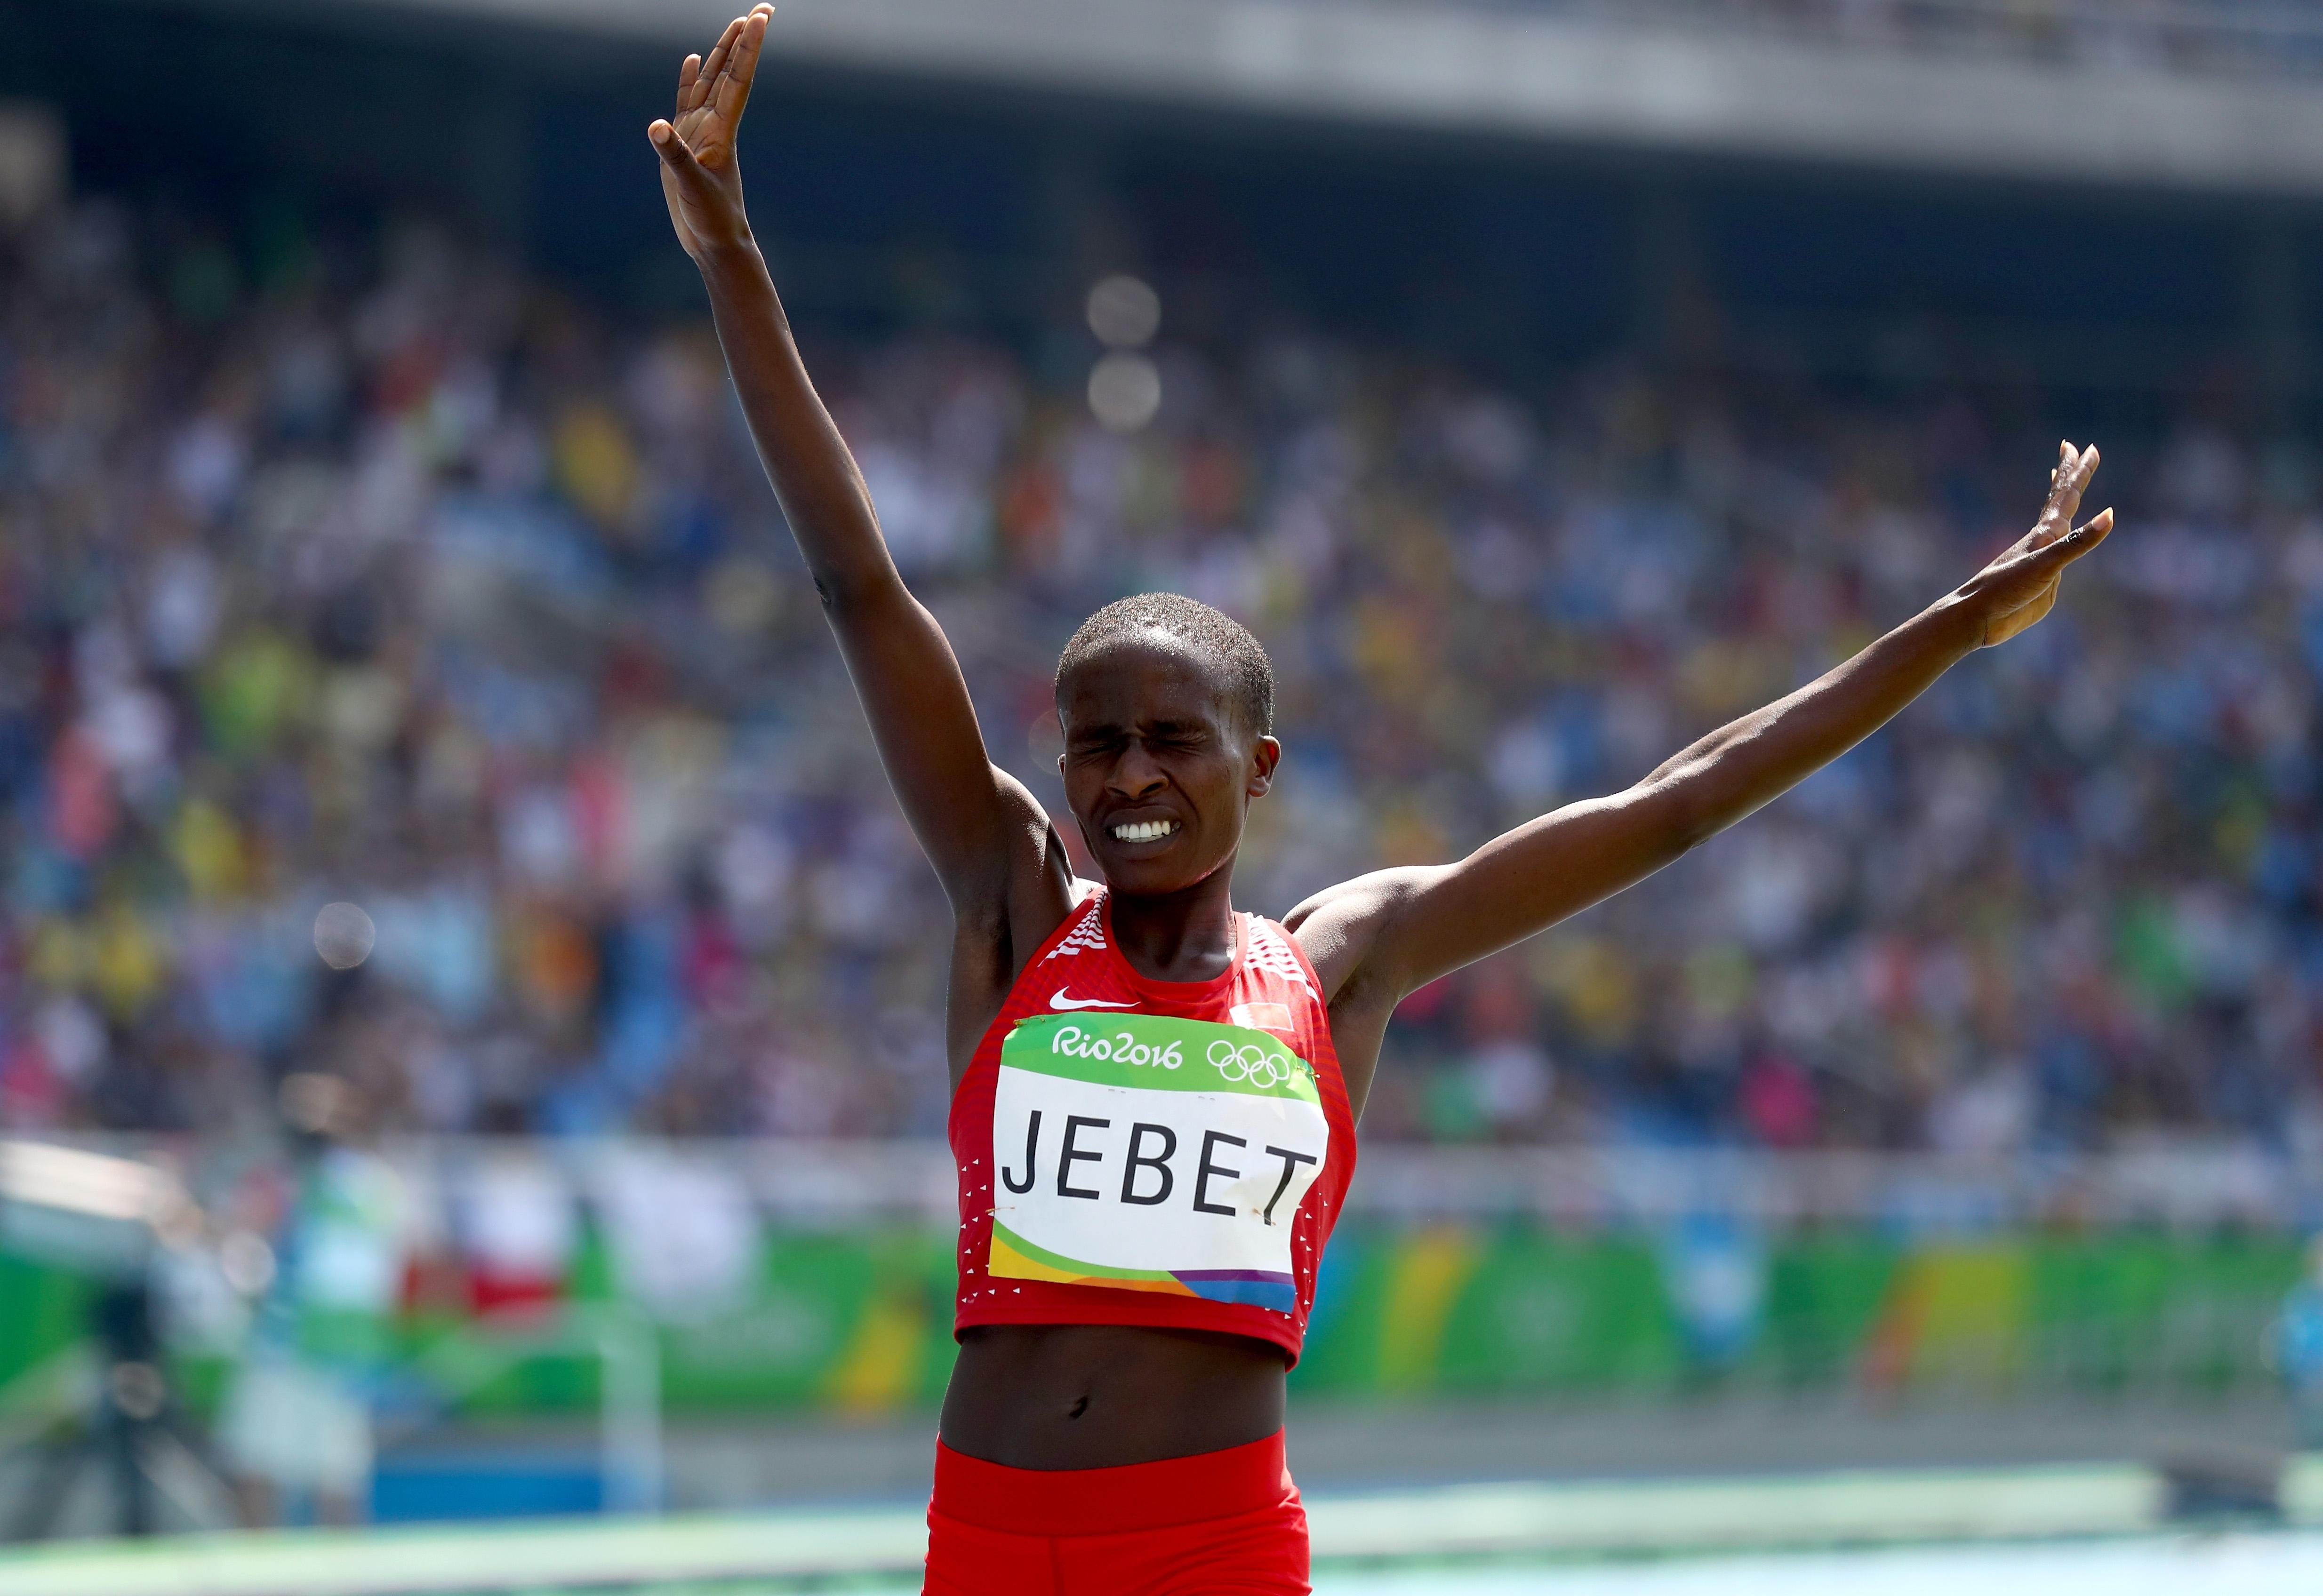 Международната асоциация на атлетическите федерации (IAAF) замрази всички заявки на